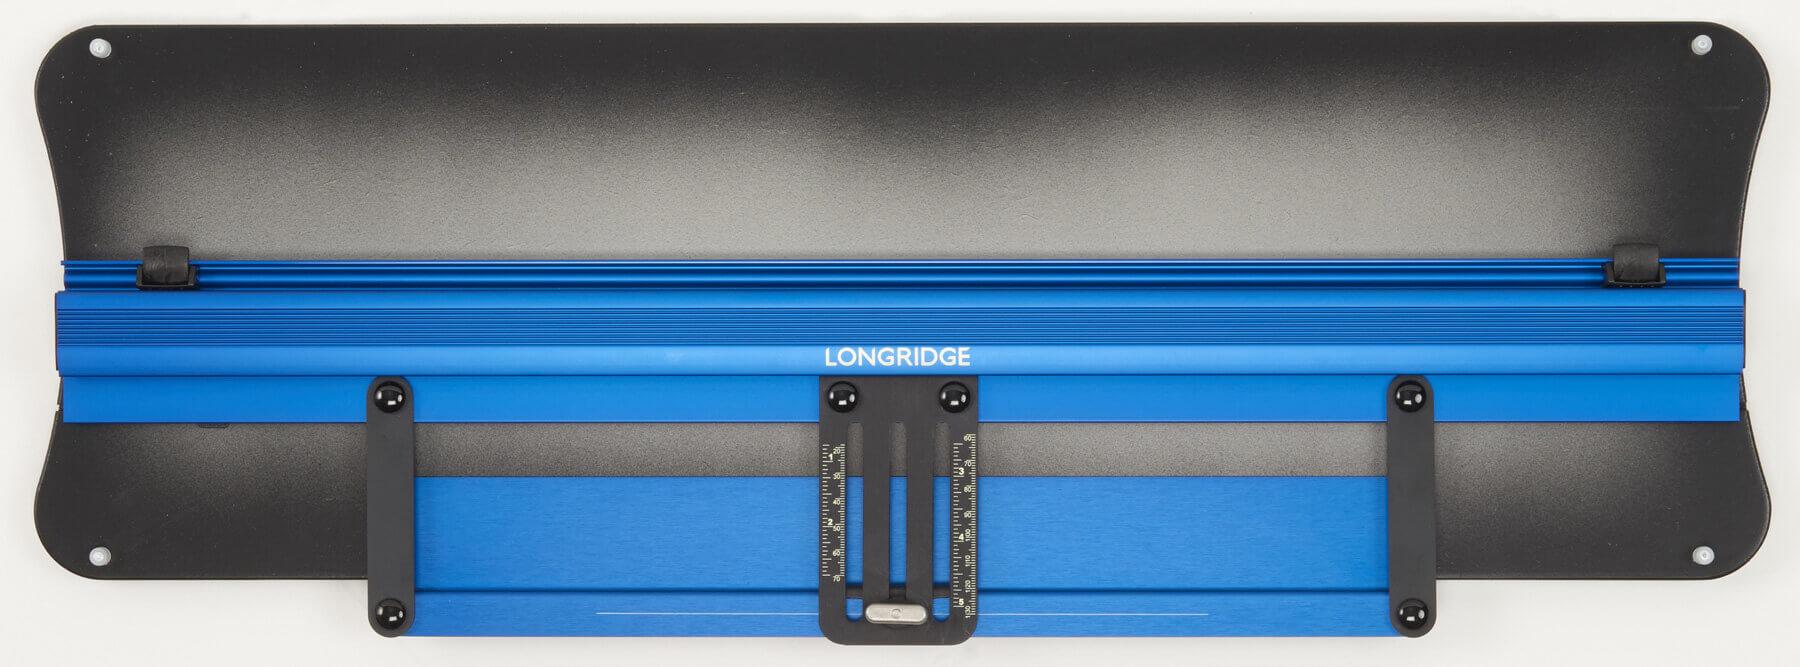 Longridge Signature Midi